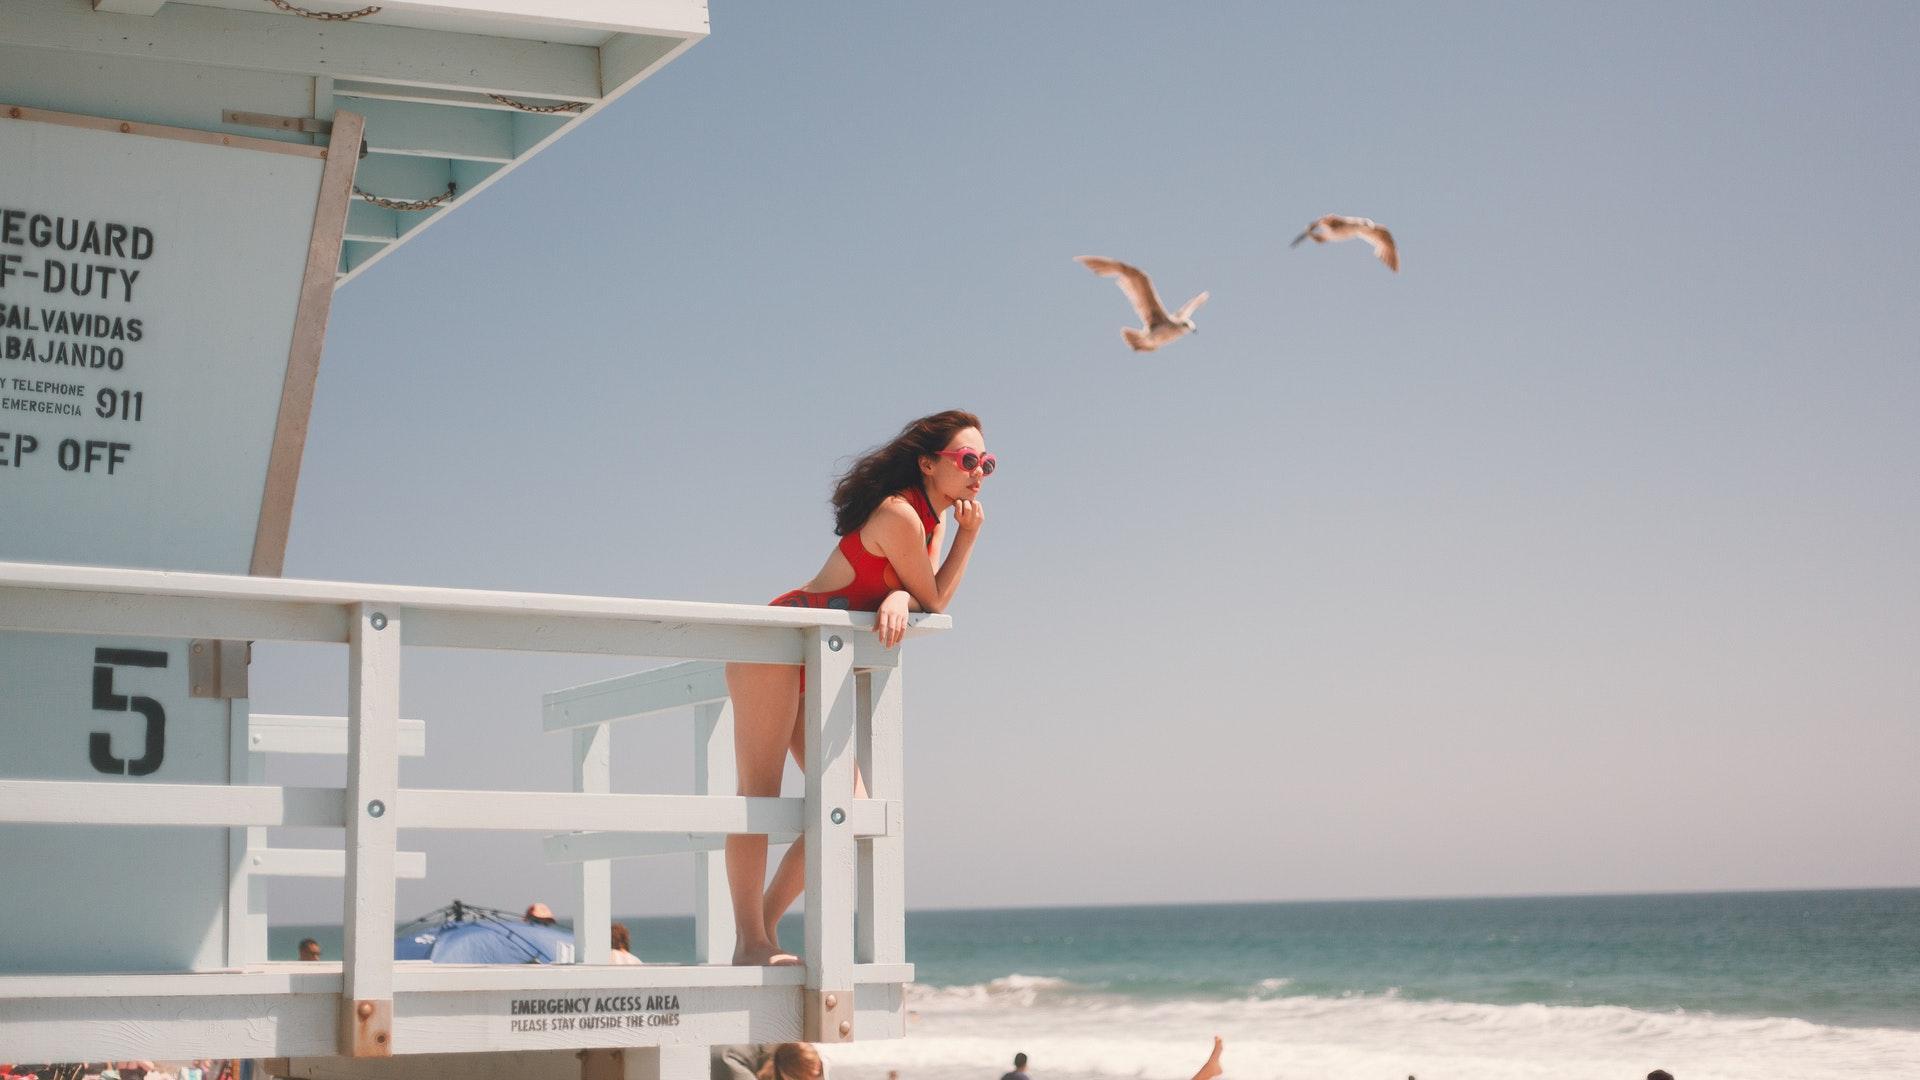 ¿Qué tendencias triunfan este verano en moda de baño? L@s influencers marcan el camino